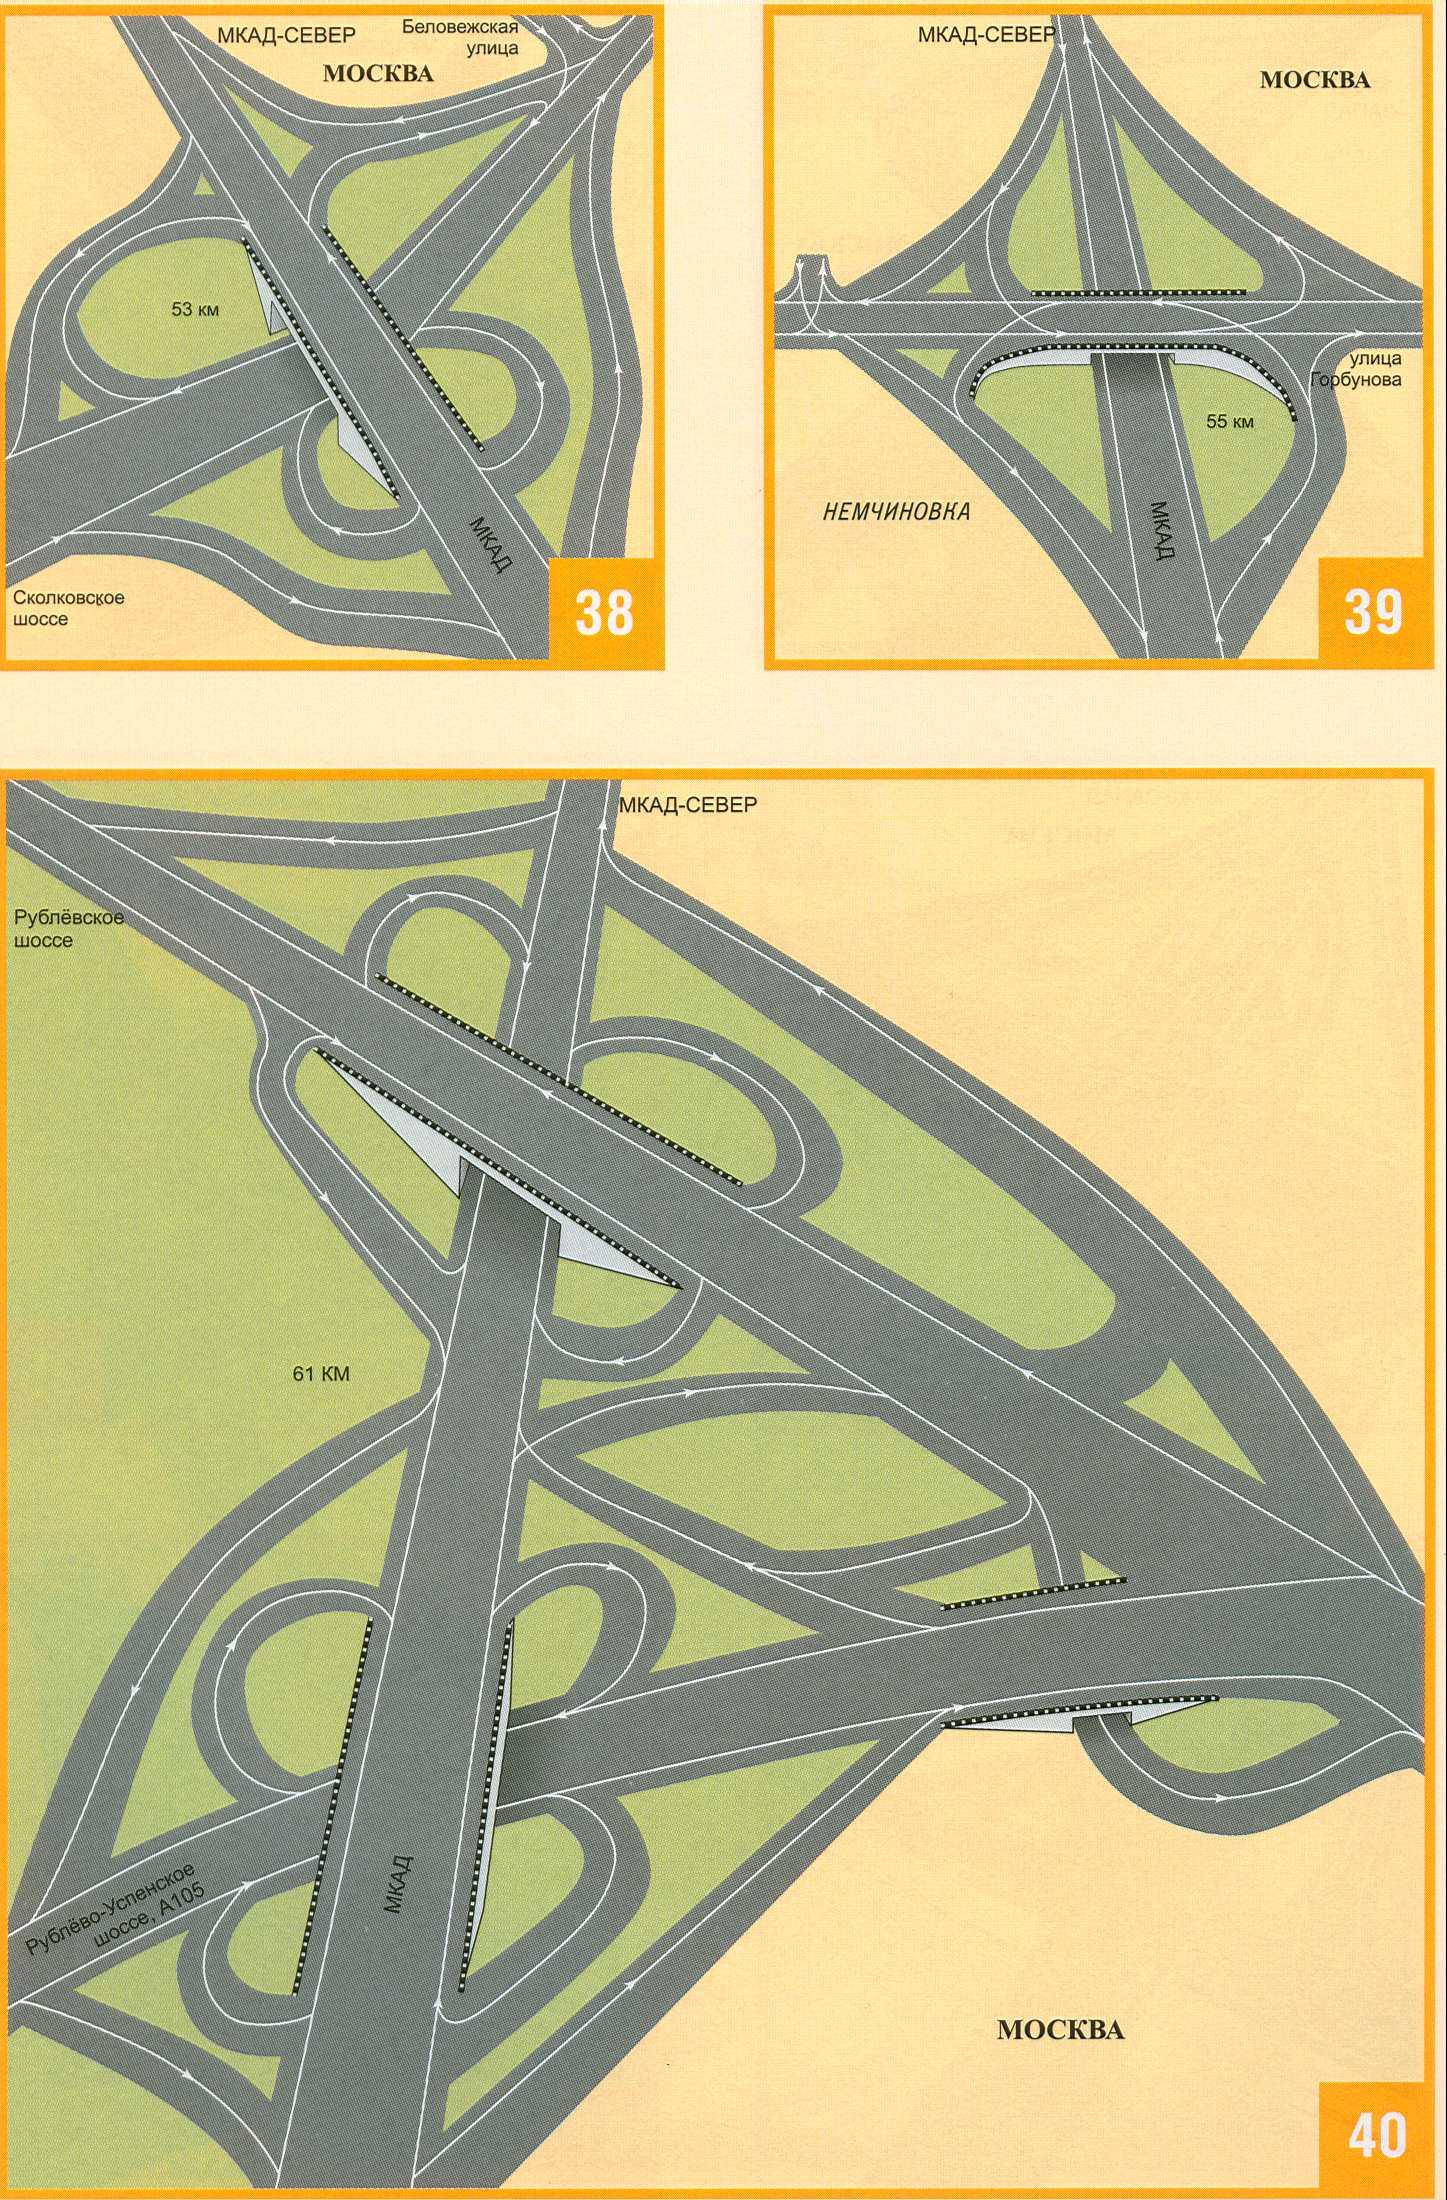 Схема железнодорожного сообщения москвы фото 929